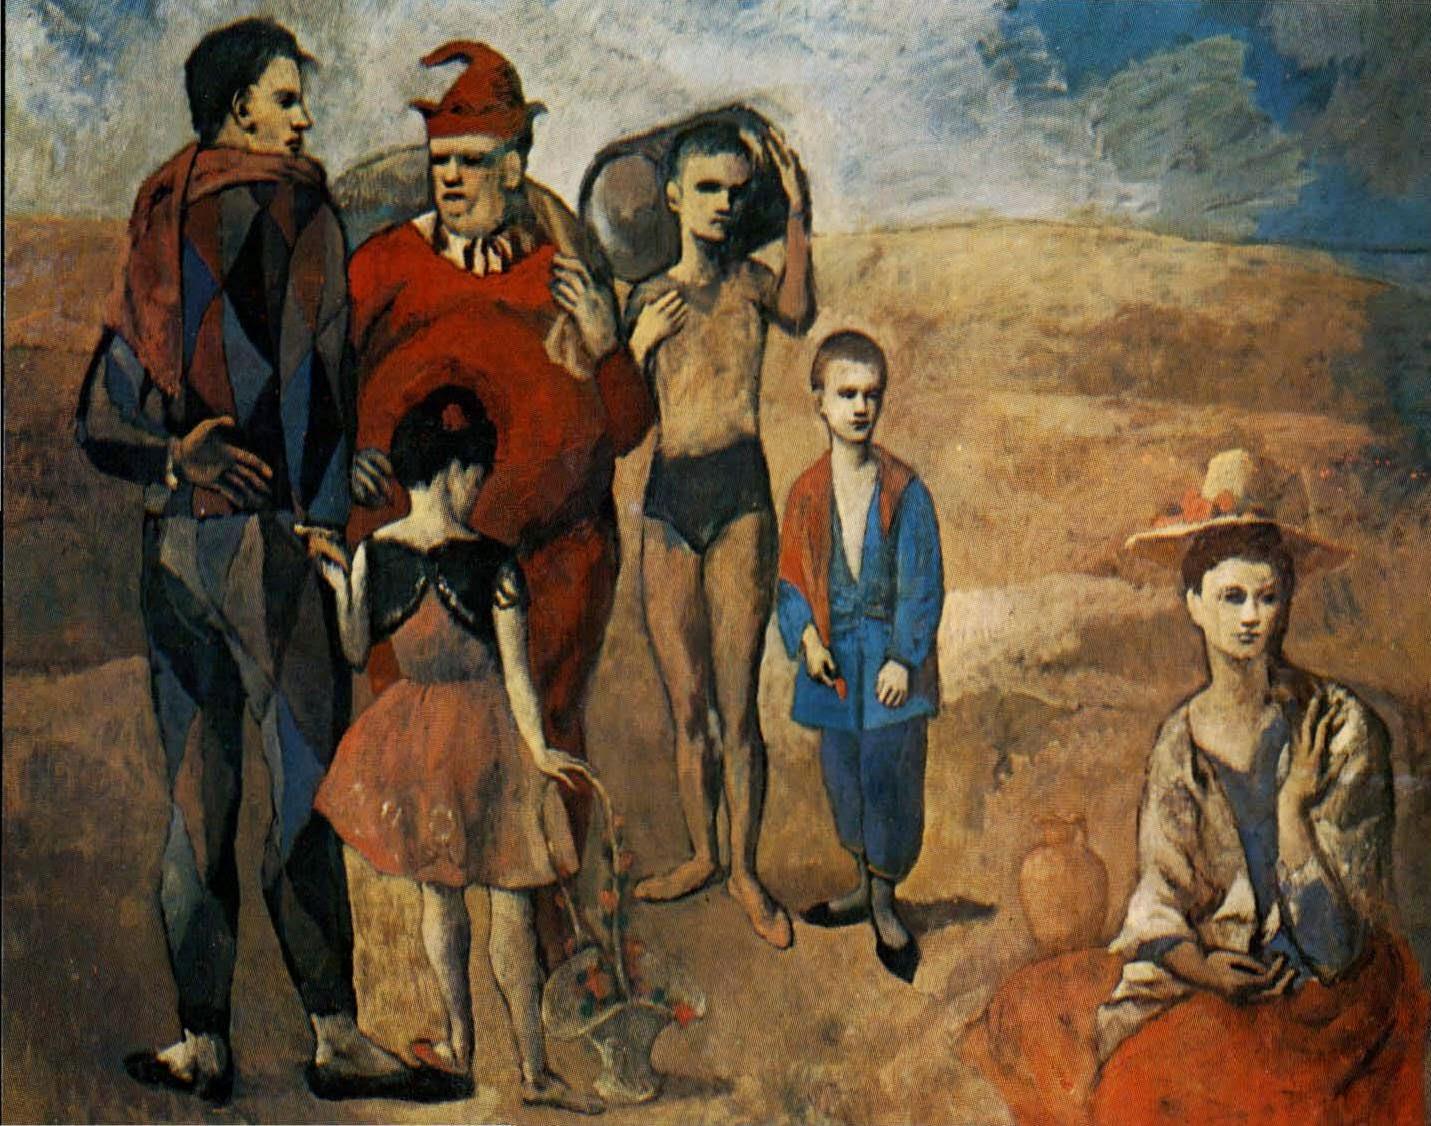 A Família de Acrobatas - Picasso e suas pinturas ~ O maior expoente da Arte Moderna